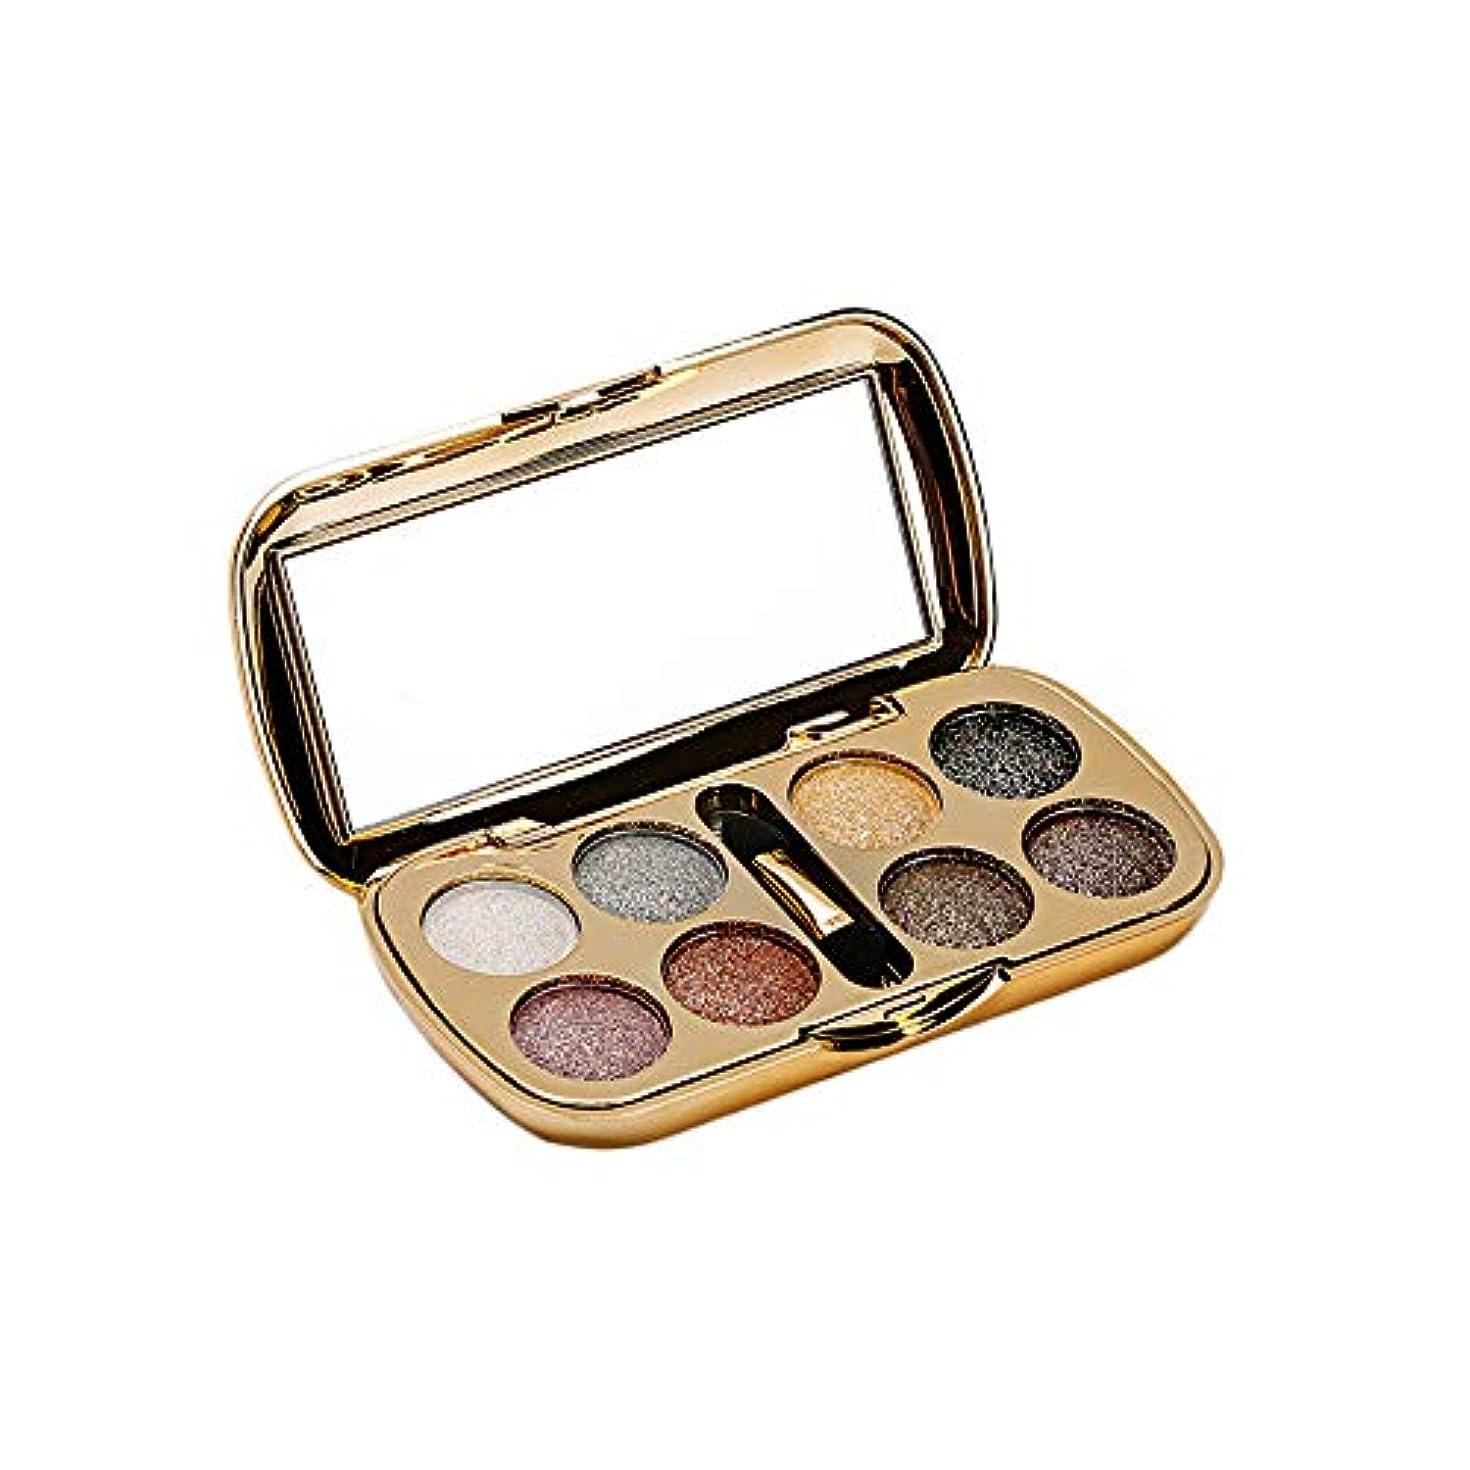 はげ郡マウスAkane アイシャドウパレット Lameila 綺麗 魅力的 ファッション 人気 気質的 キラキラ ダイヤモンド チャーム 防水 長持ち おしゃれ 持ち便利 Eye Shadow (8色) 3551